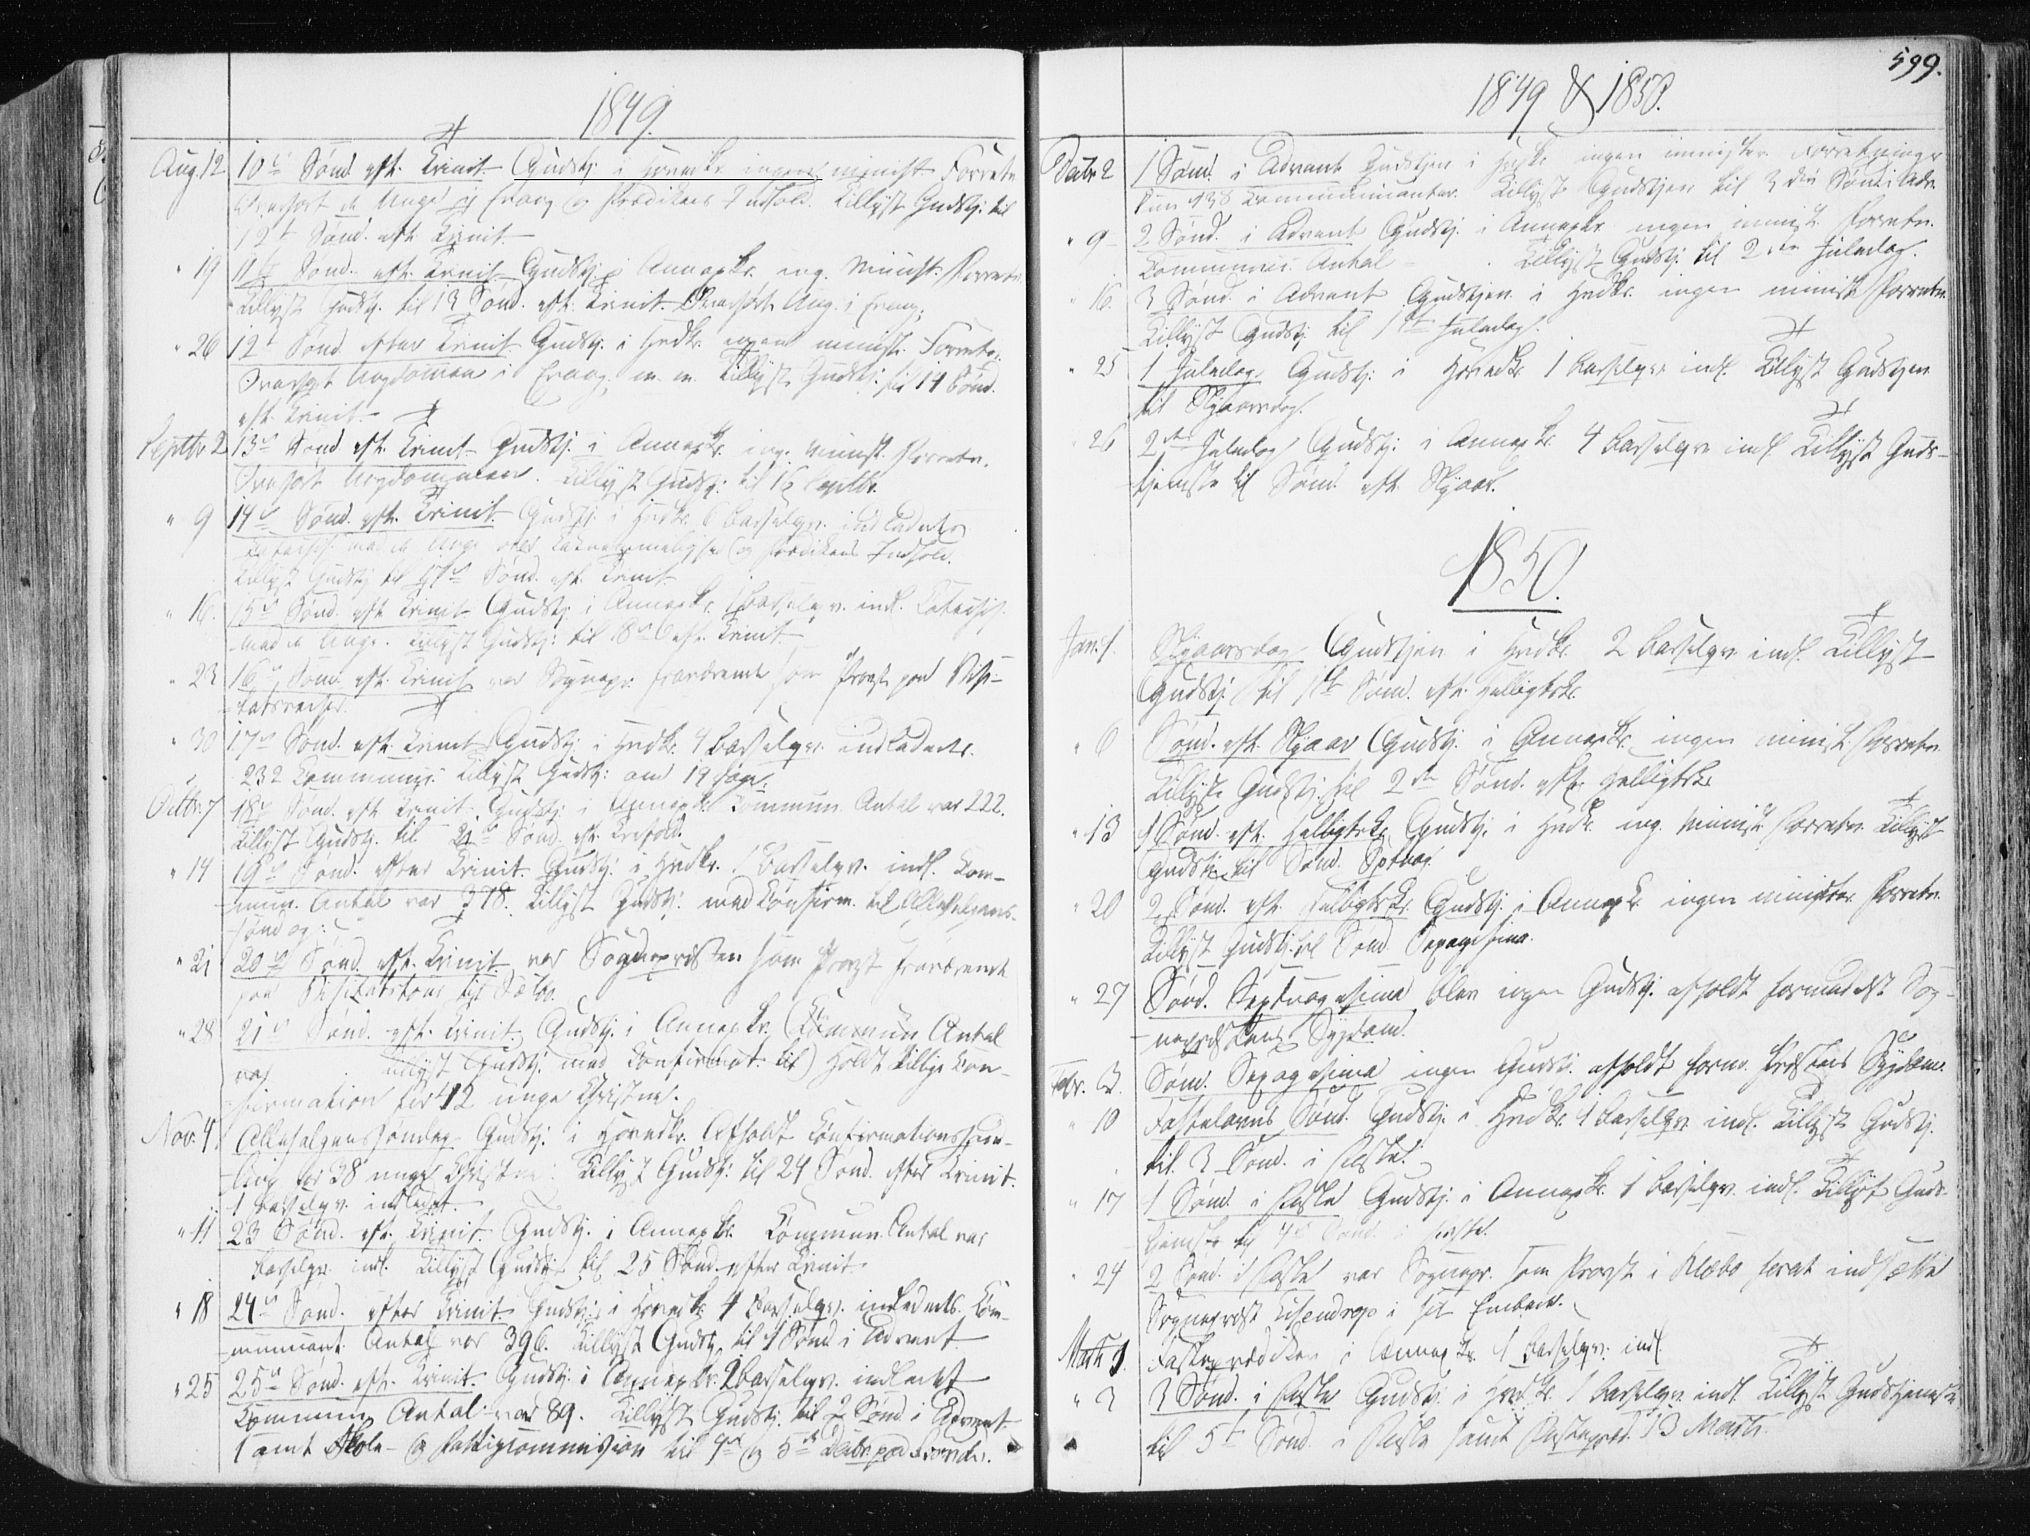 SAT, Ministerialprotokoller, klokkerbøker og fødselsregistre - Sør-Trøndelag, 665/L0771: Ministerialbok nr. 665A06, 1830-1856, s. 599